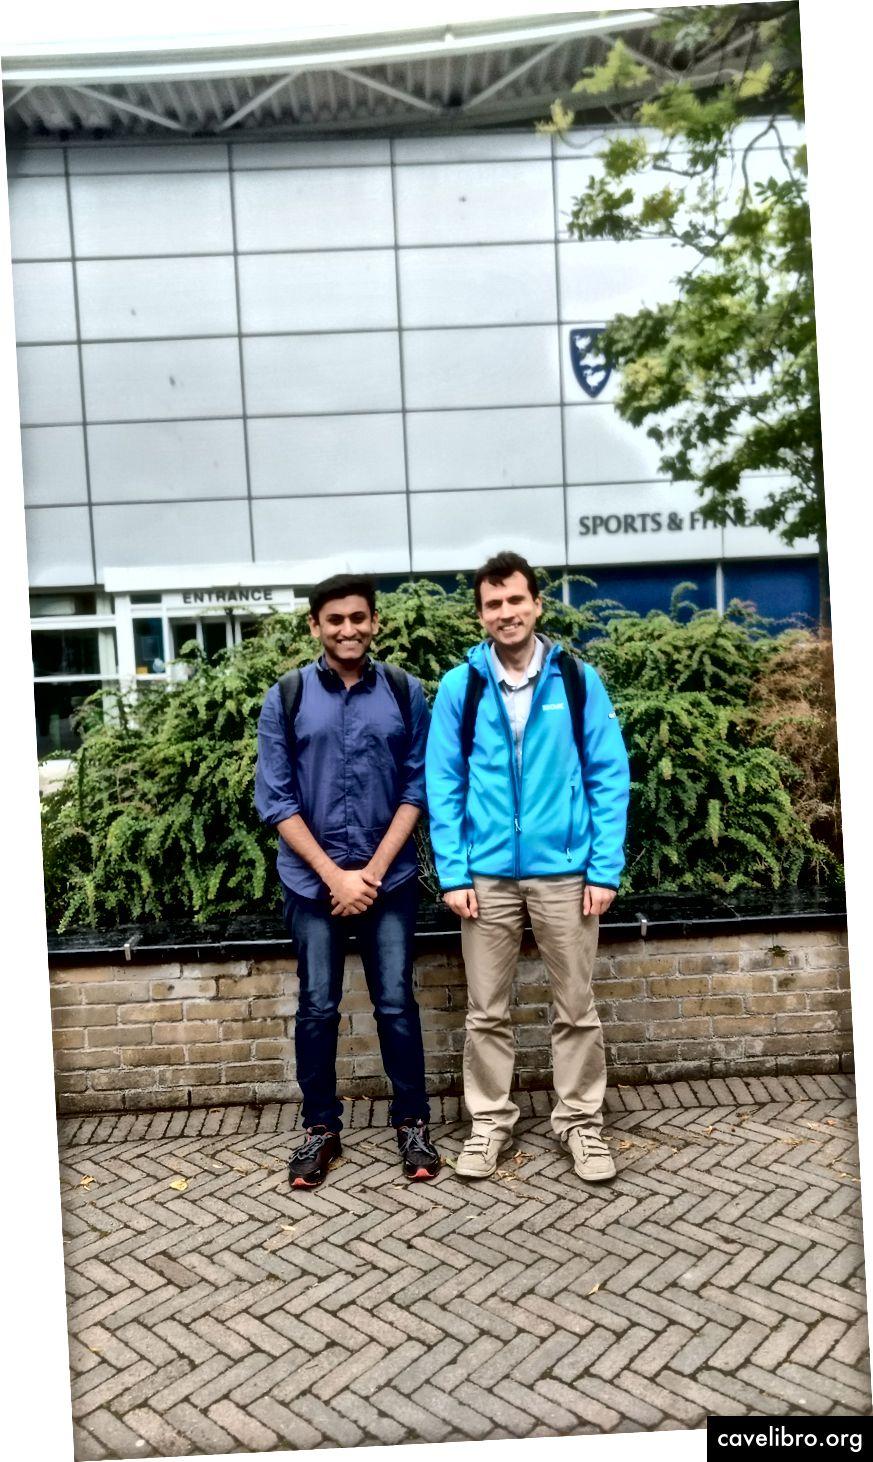 डॉ। कुर्लिन (दाएं) के साथ अविरल श्रीवास्तव (बाएं)